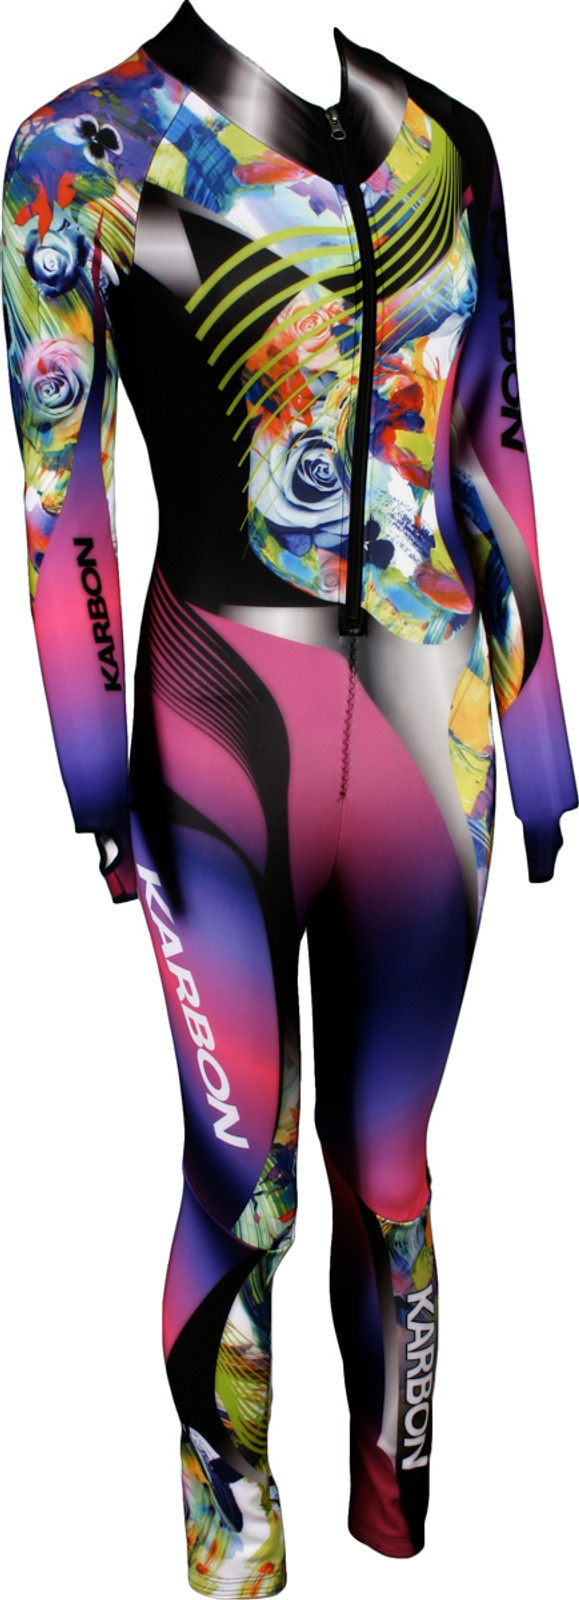 Karbon EMPRESS GS JUNIOR Race Suit 19'